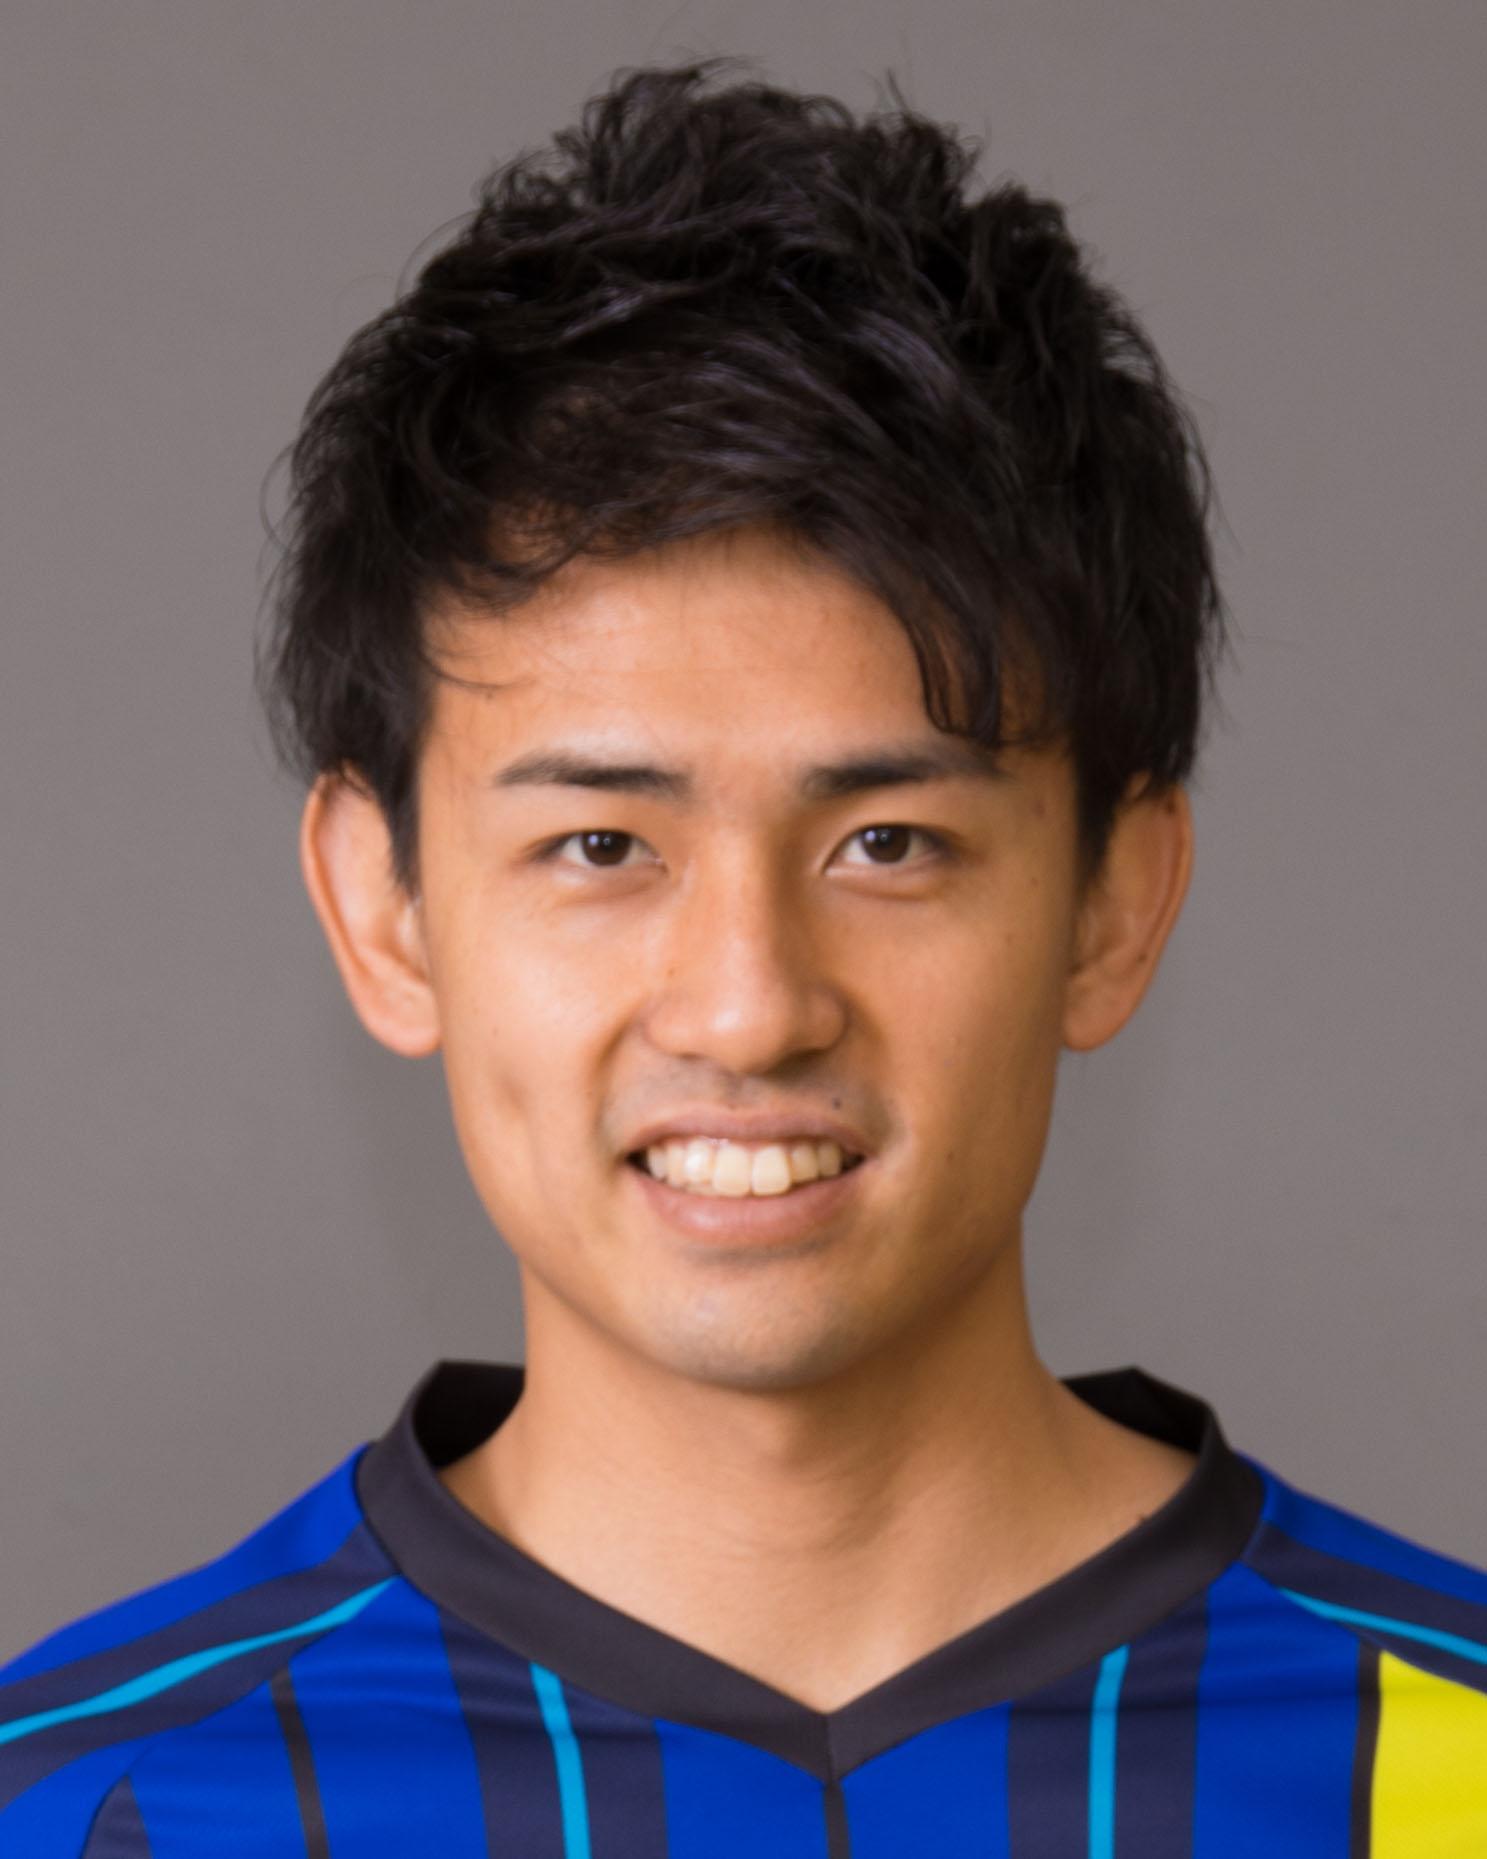 安芸銀治選手 期限付き移籍期間満了のお知らせ ラインメール青森FC ...